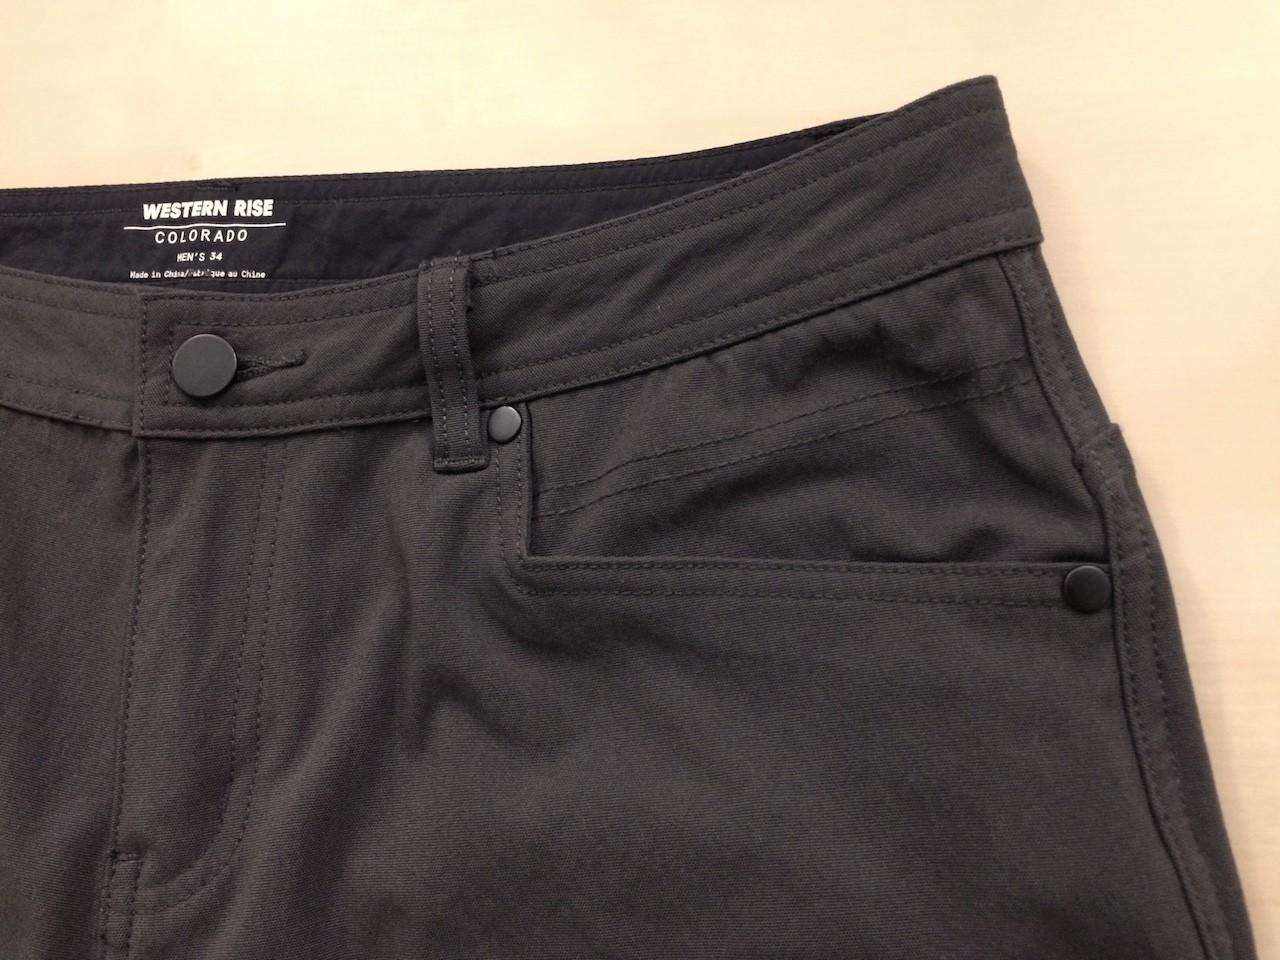 Western Rise AT Slim Rivet Pant front left pocket